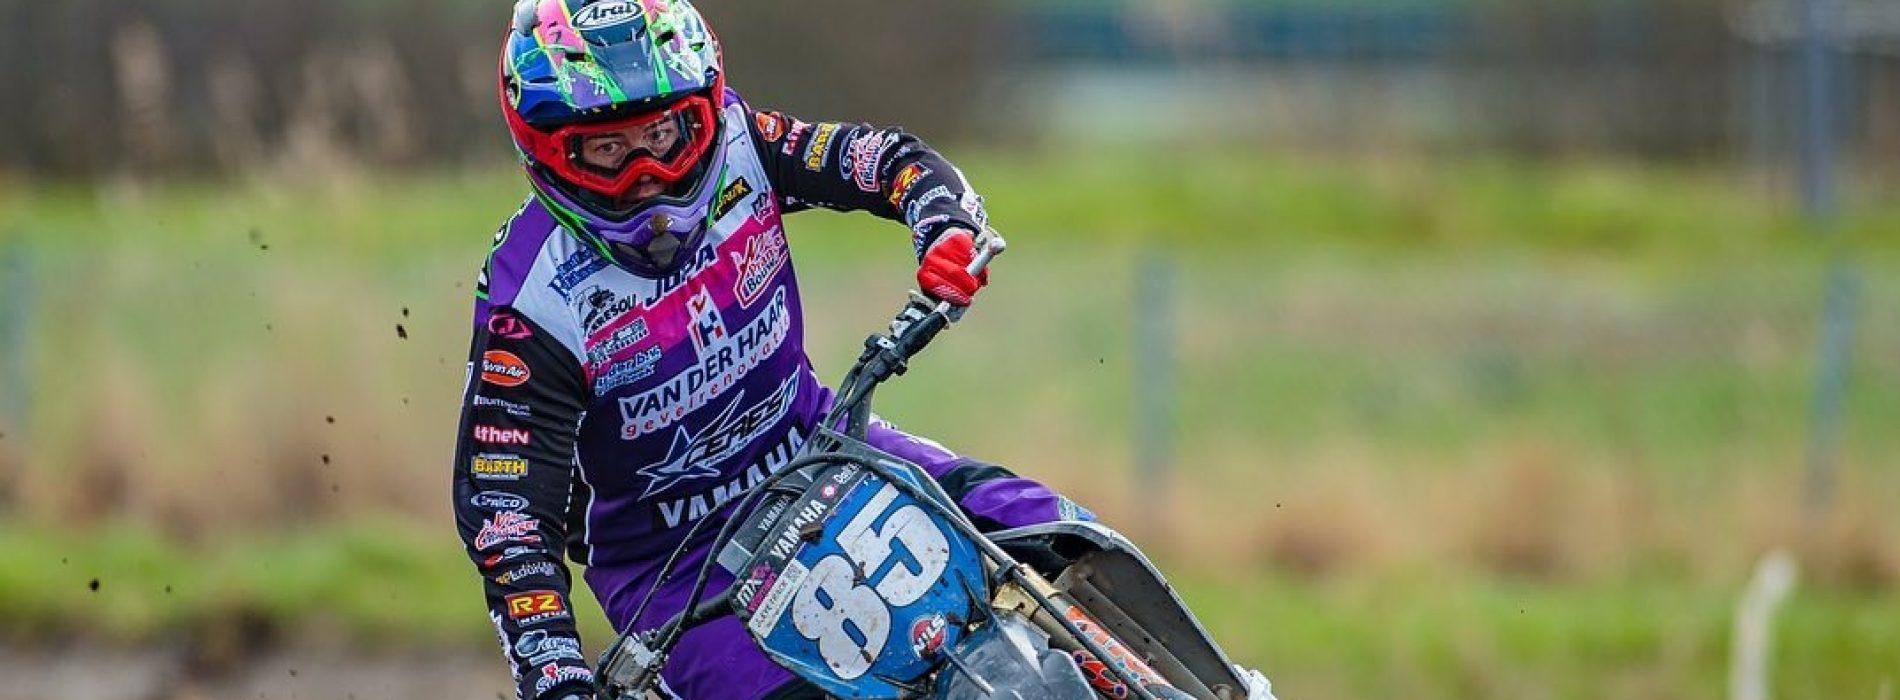 Women Motocross World Championship- Nancy Van de Ven